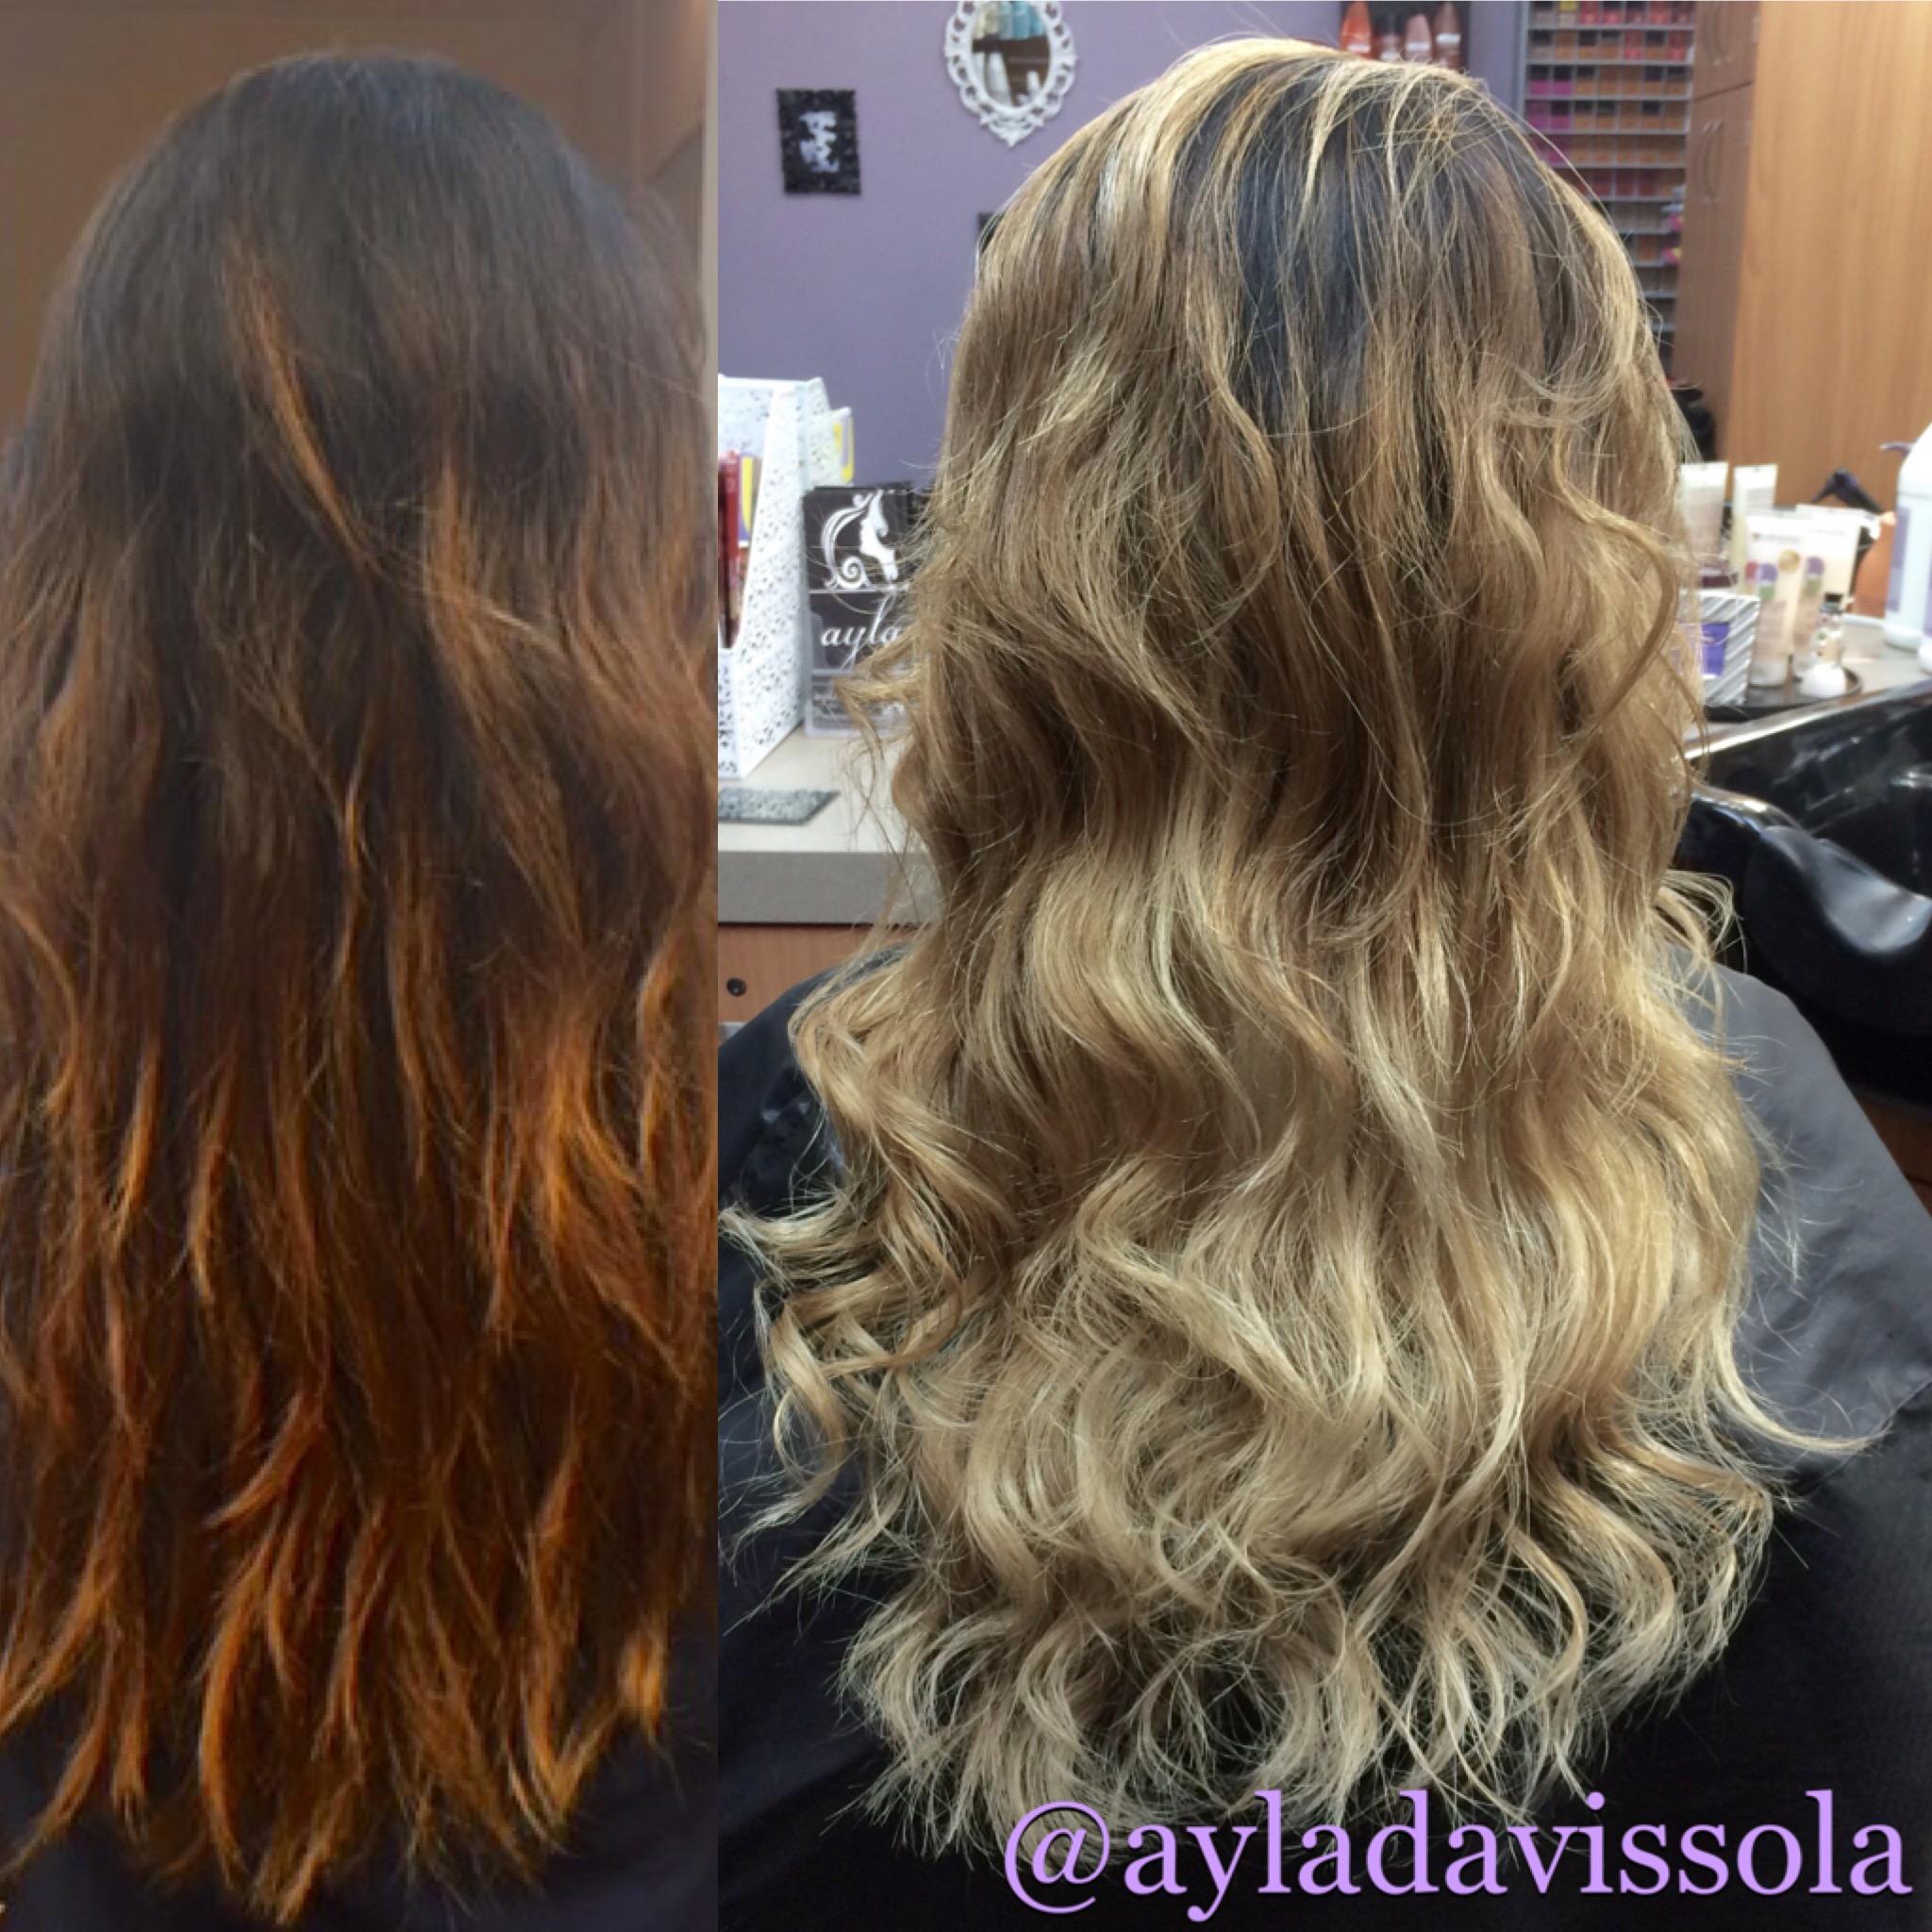 Haircut & Balayage